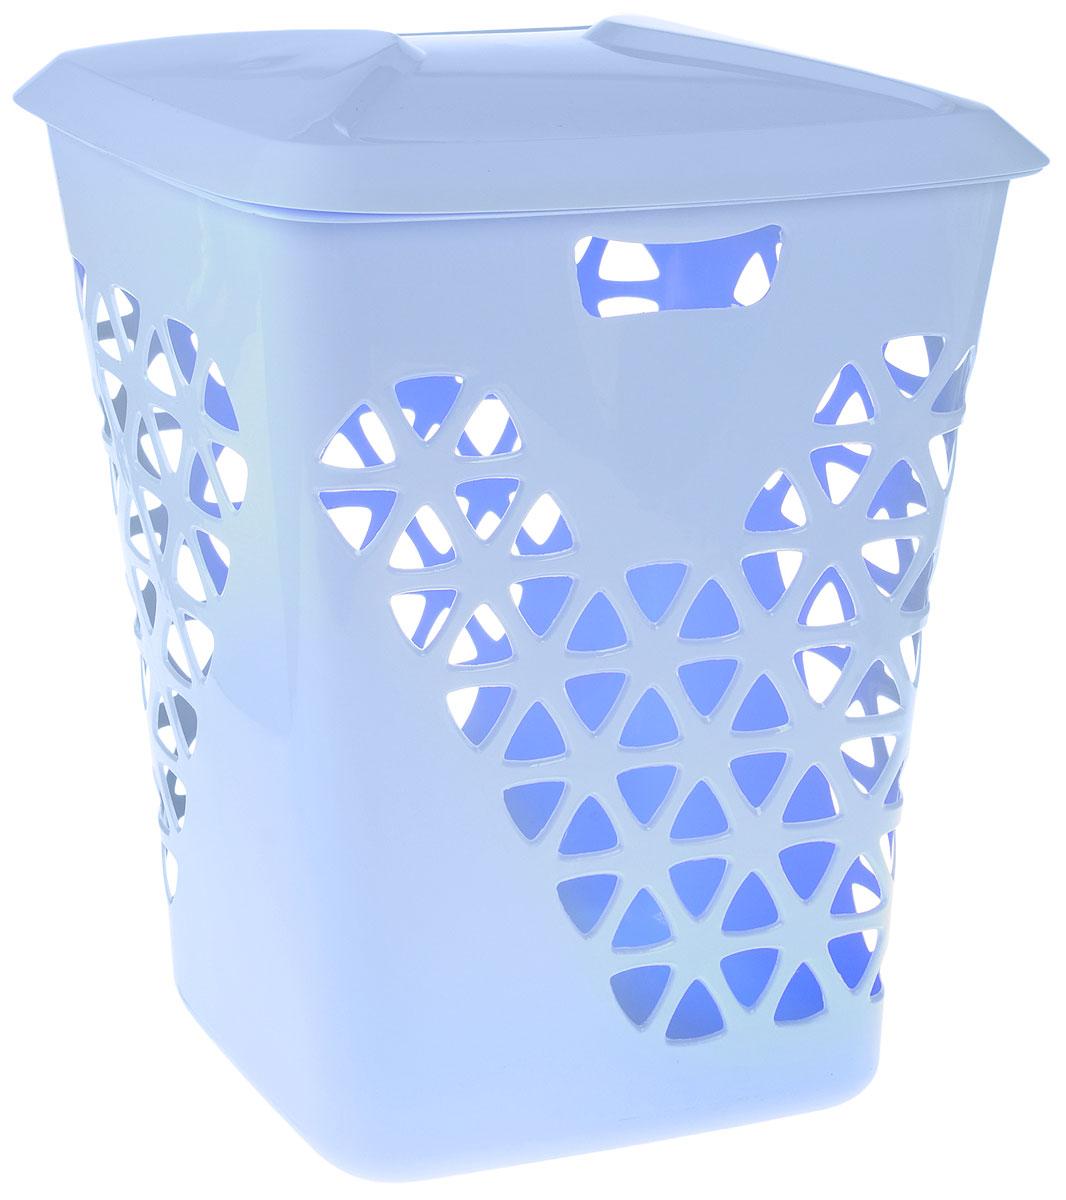 Корзина для белья Idea Венеция, цвет: голубой, 60 л корзина для белья idea венеция узкая цвет белый